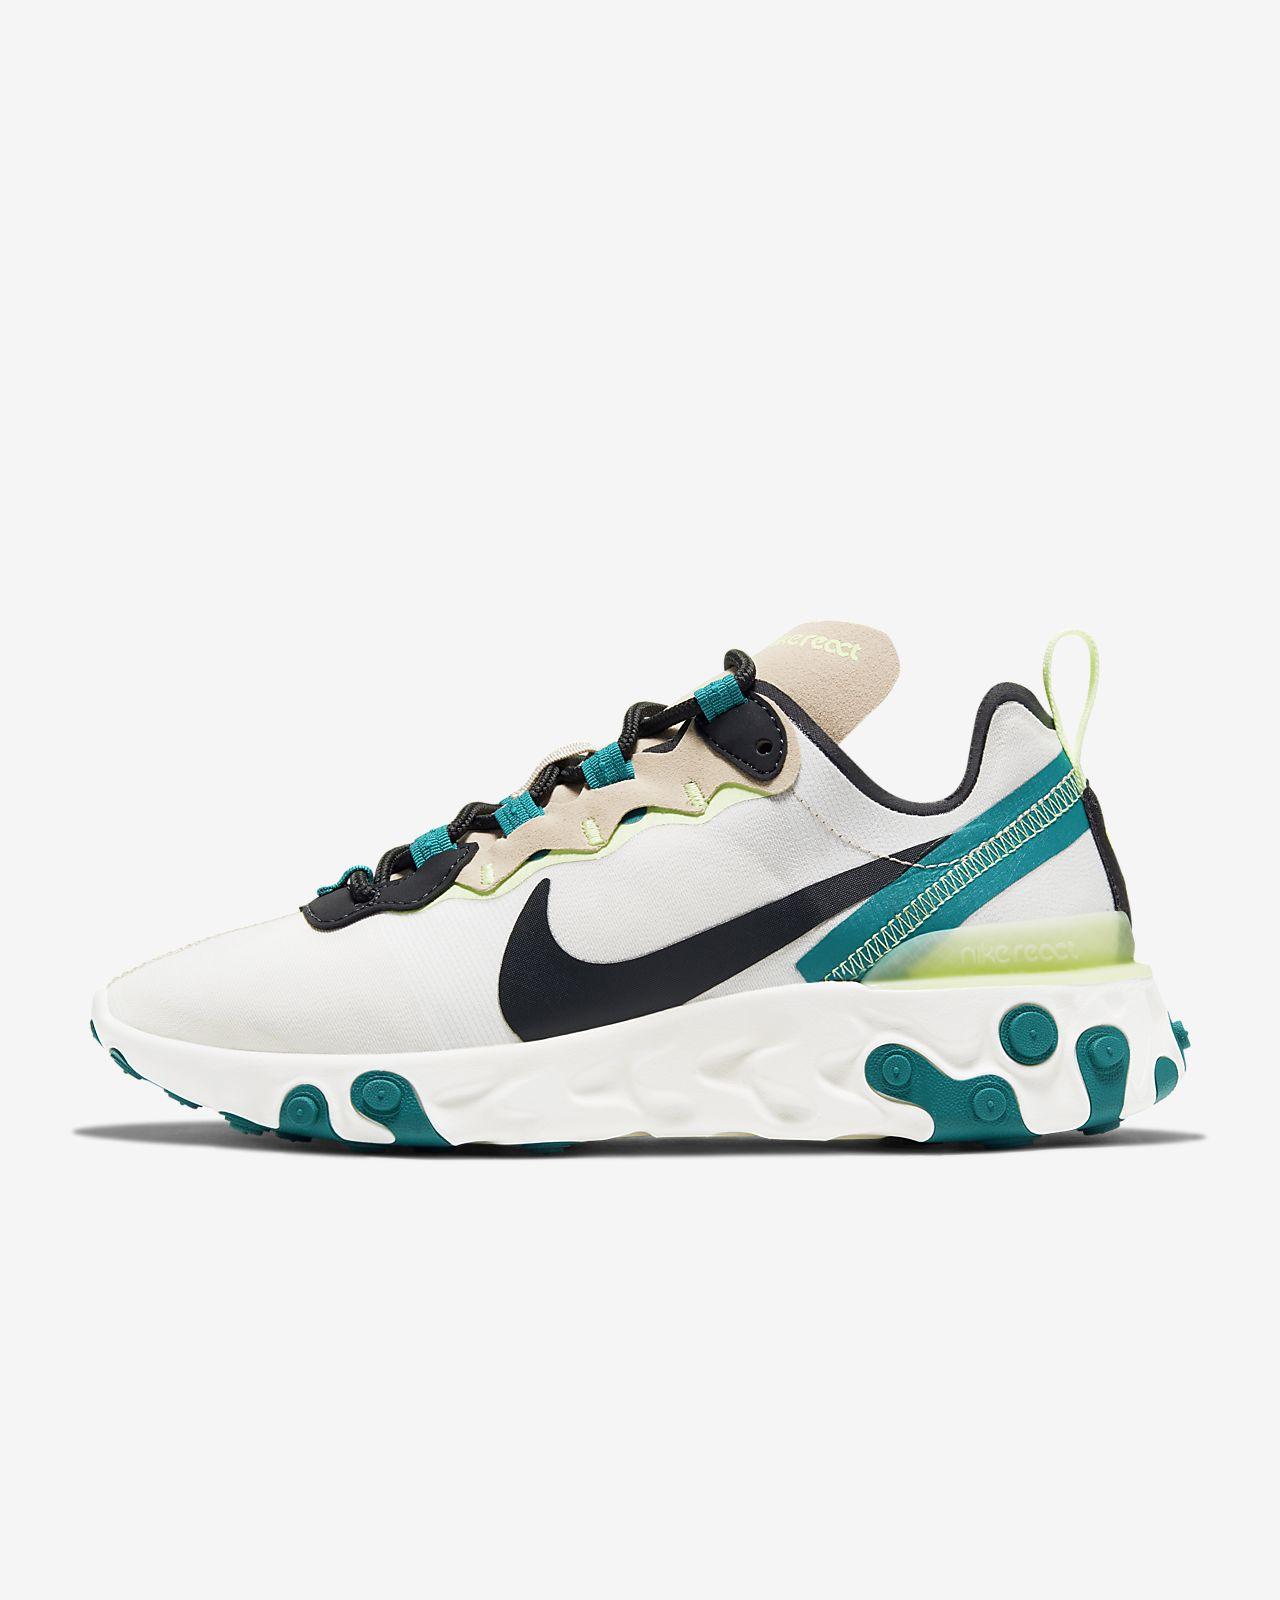 Nike Store | ricciano DENMARK